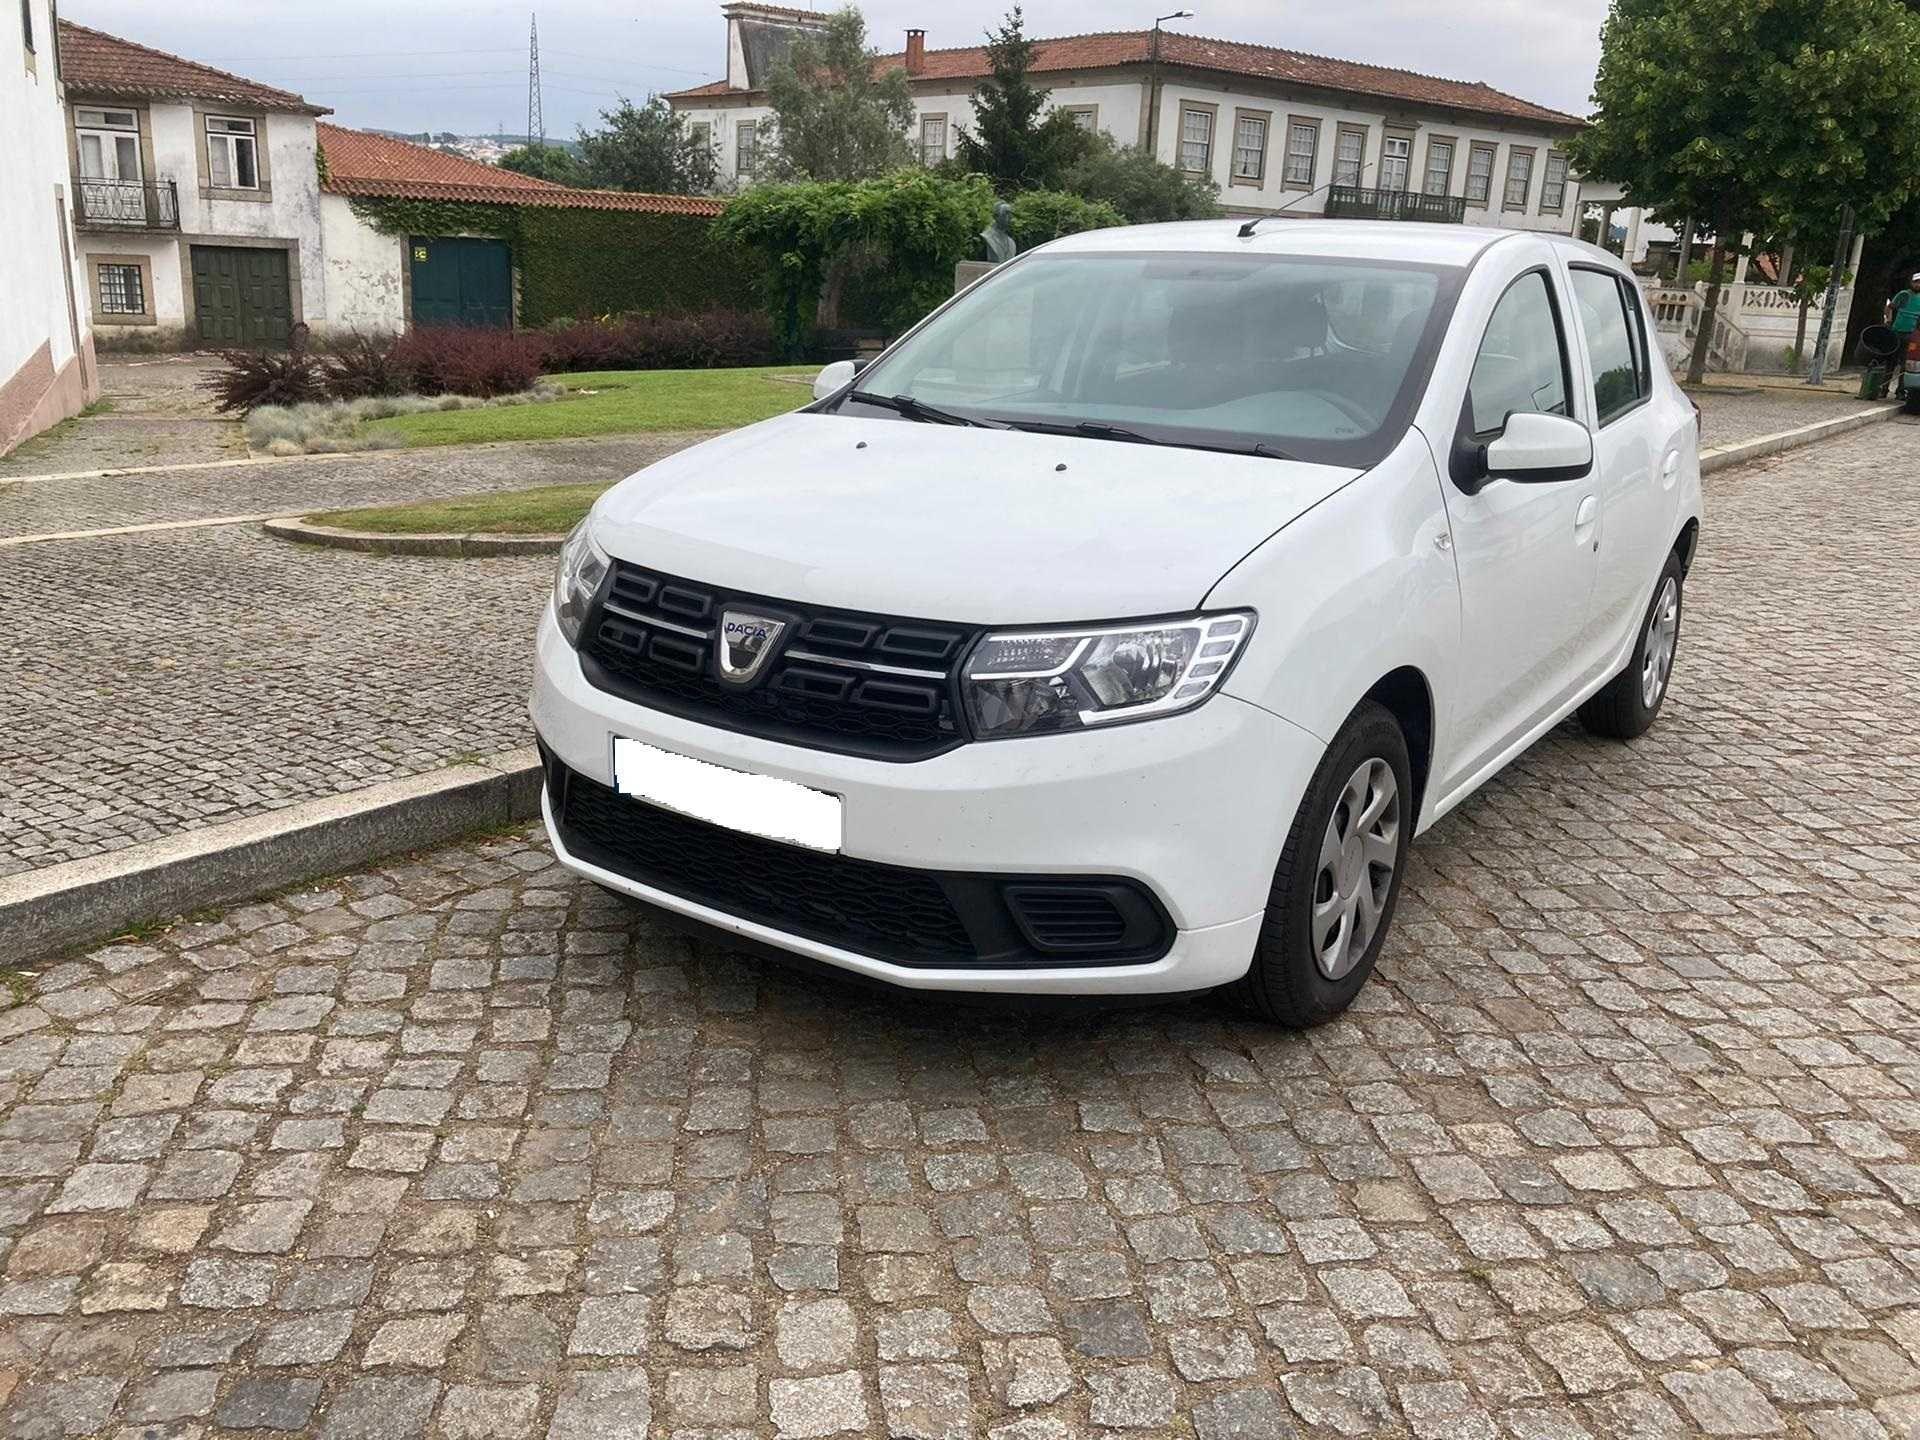 Dacia Sandero II 1.0 SCe 75cv Comfort